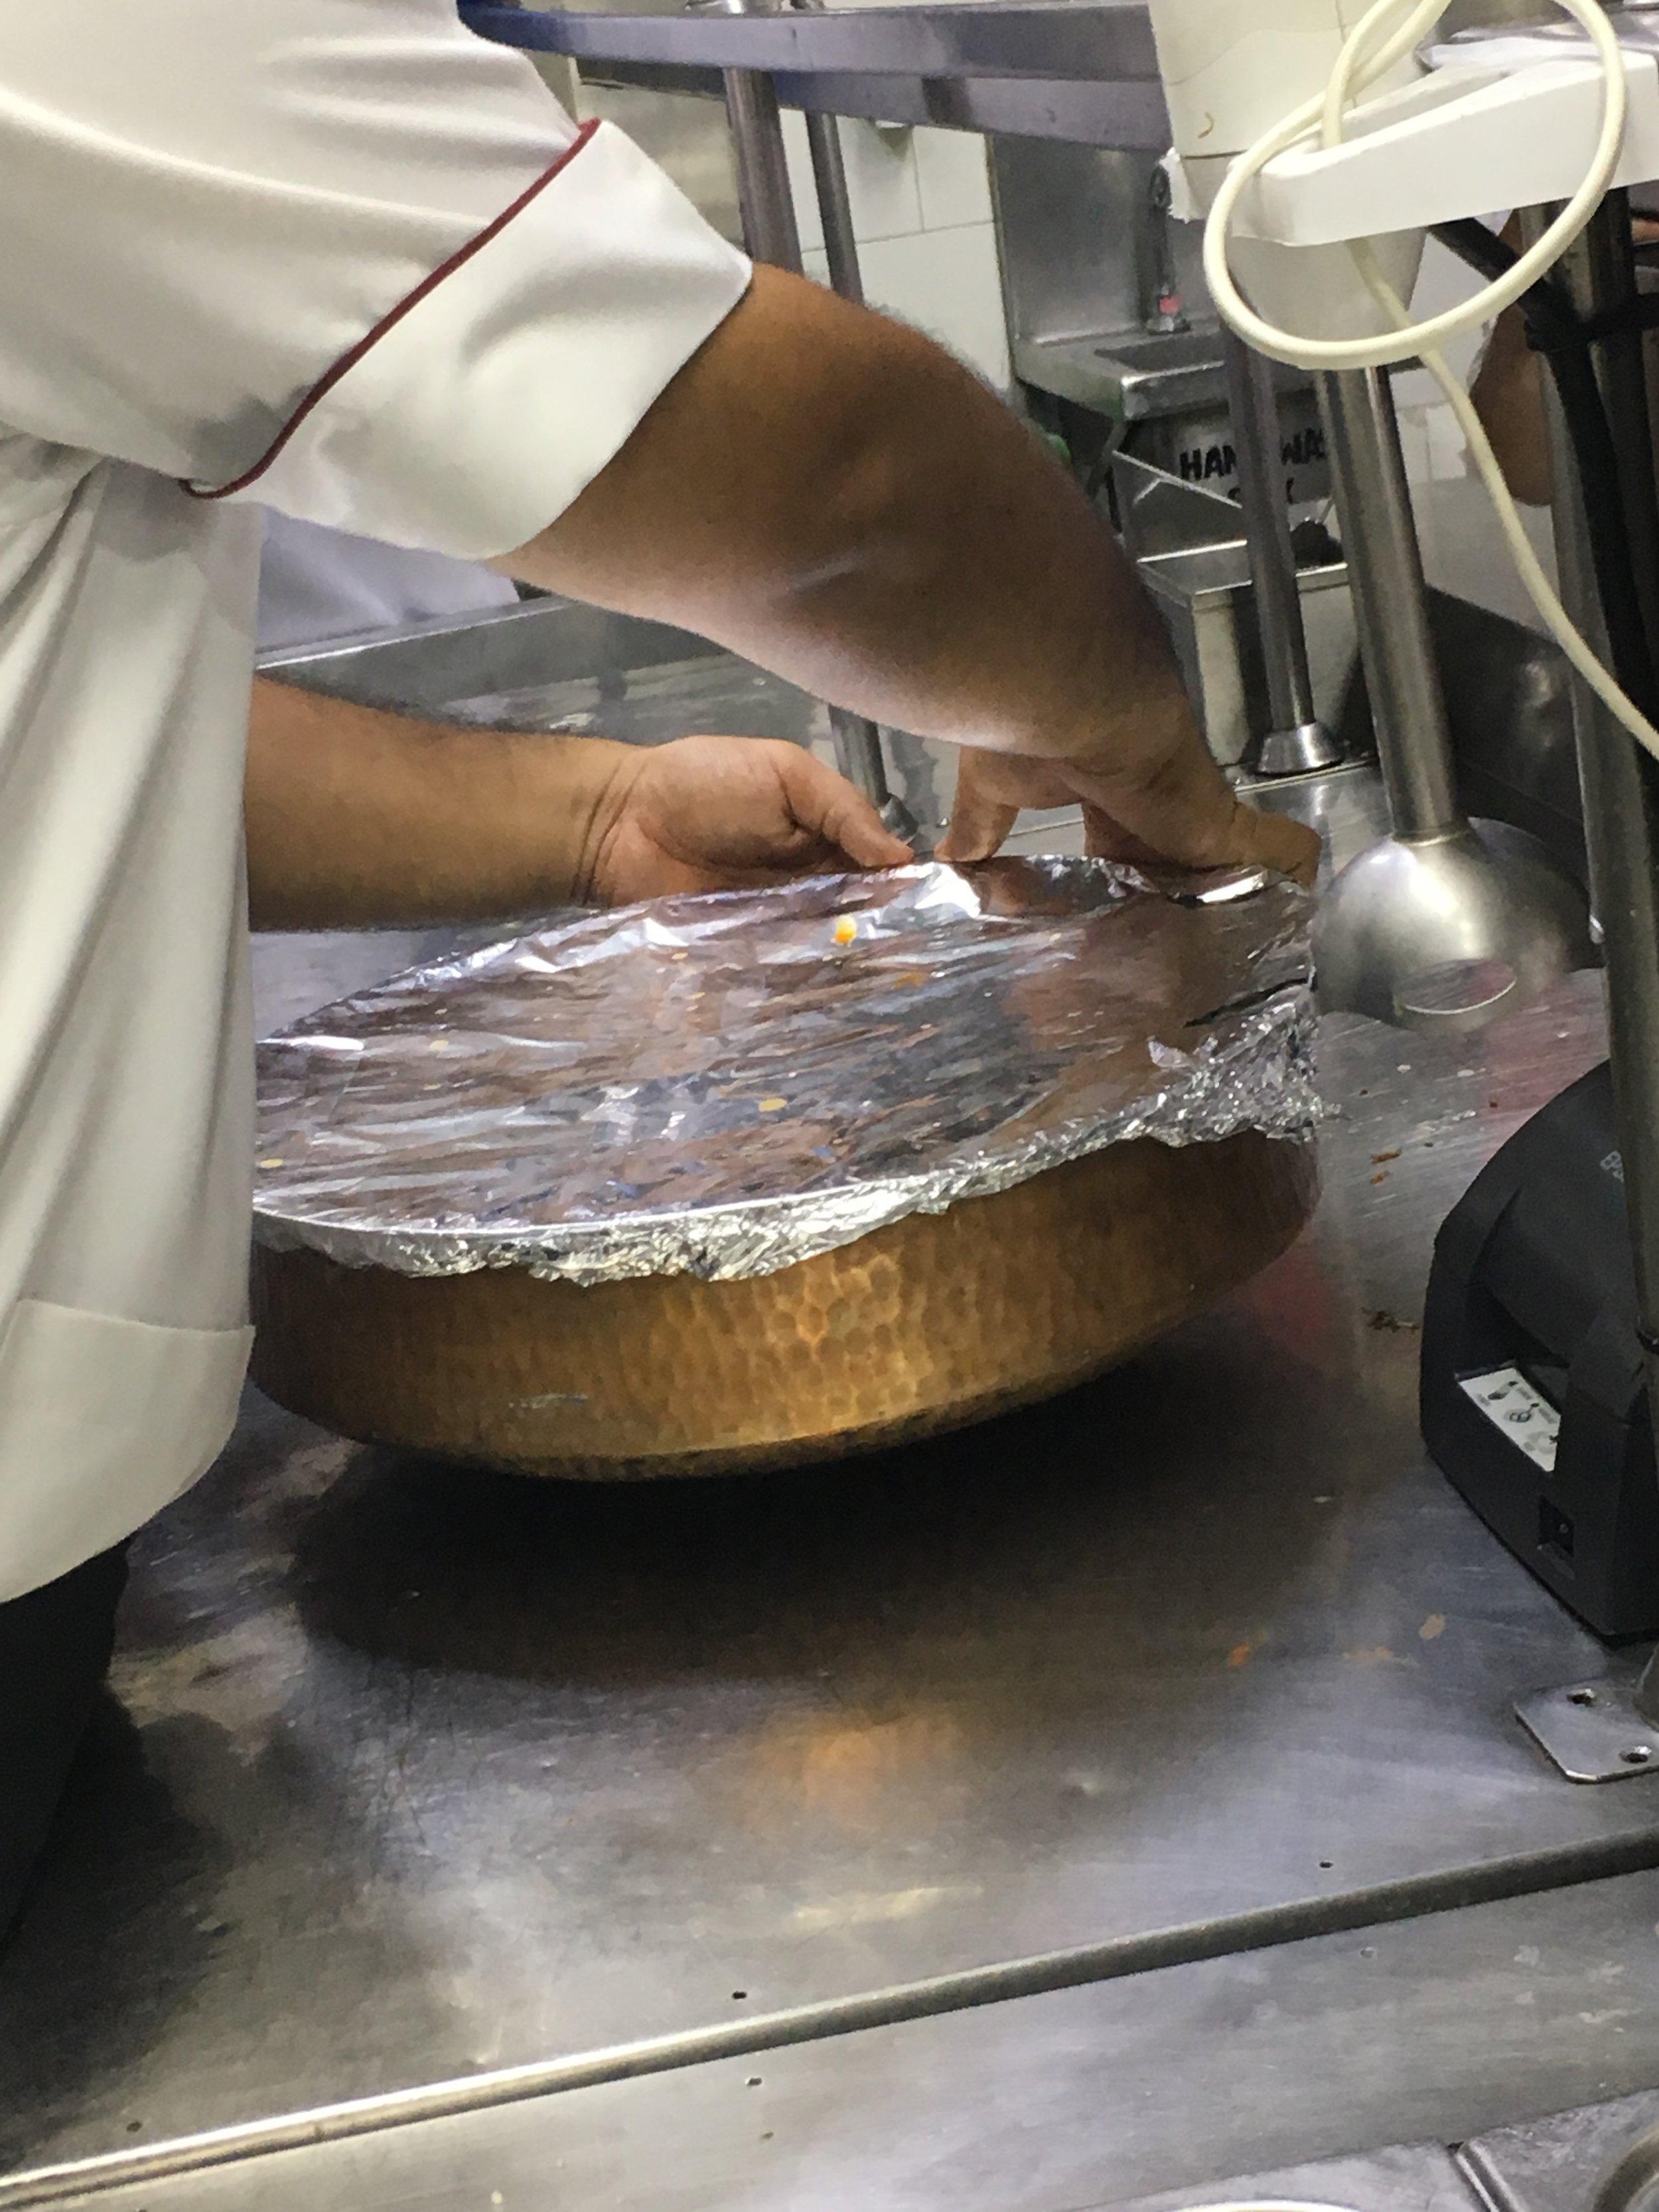 Sealing the biryani for Dum cooking